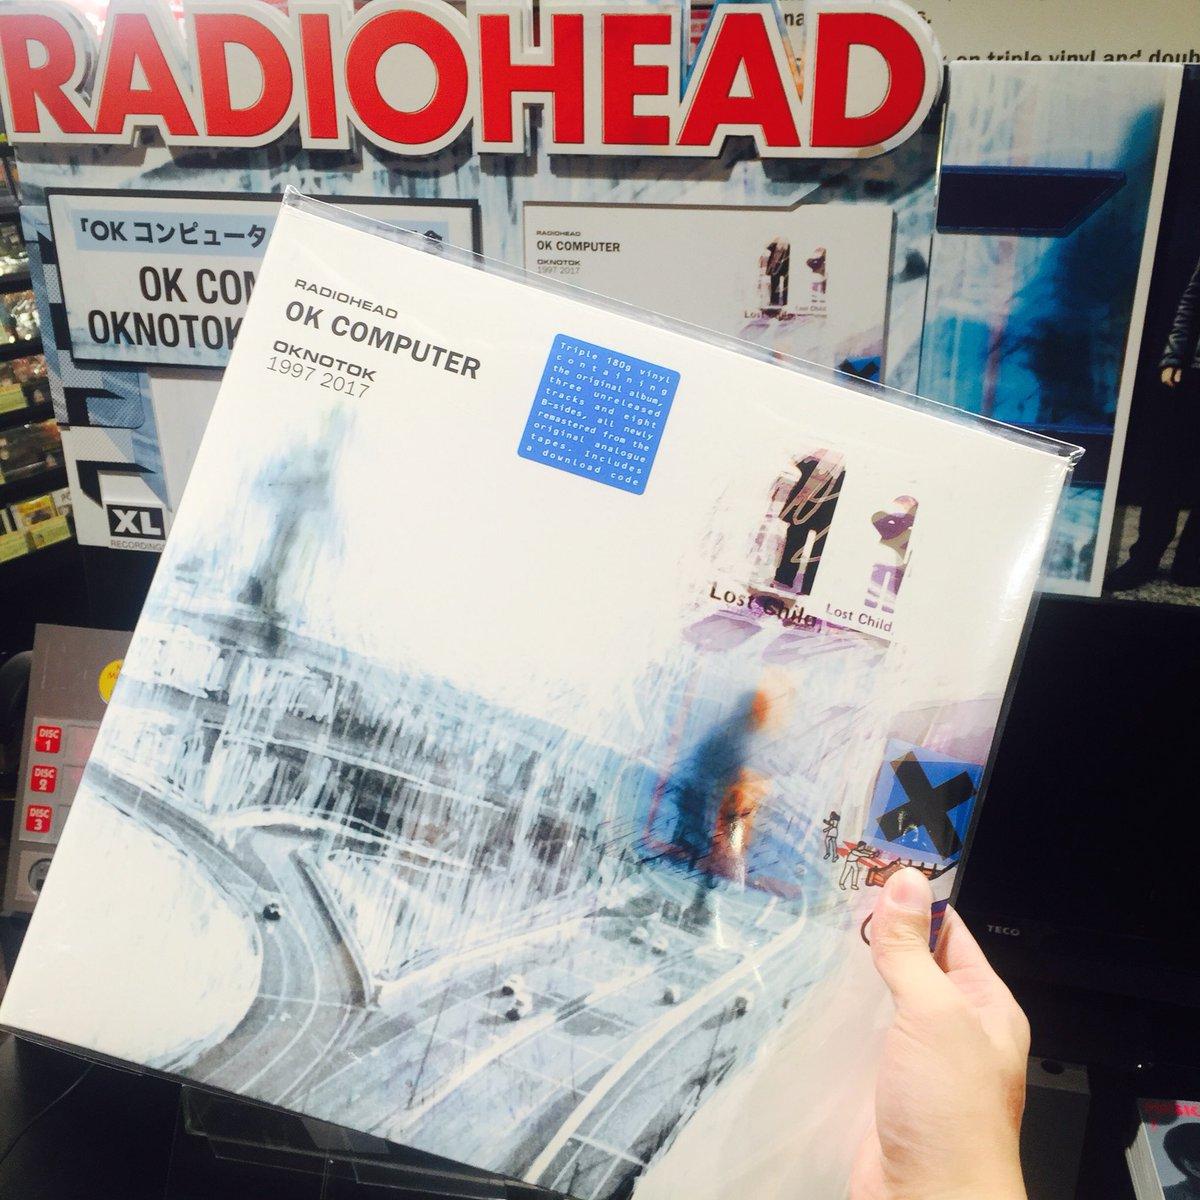 【RADIOHEAD】 世界最速販売会場では予約完売している限定ブルーヴァイナルを少量販売!!先着です! #Radiohead  (麺) h...